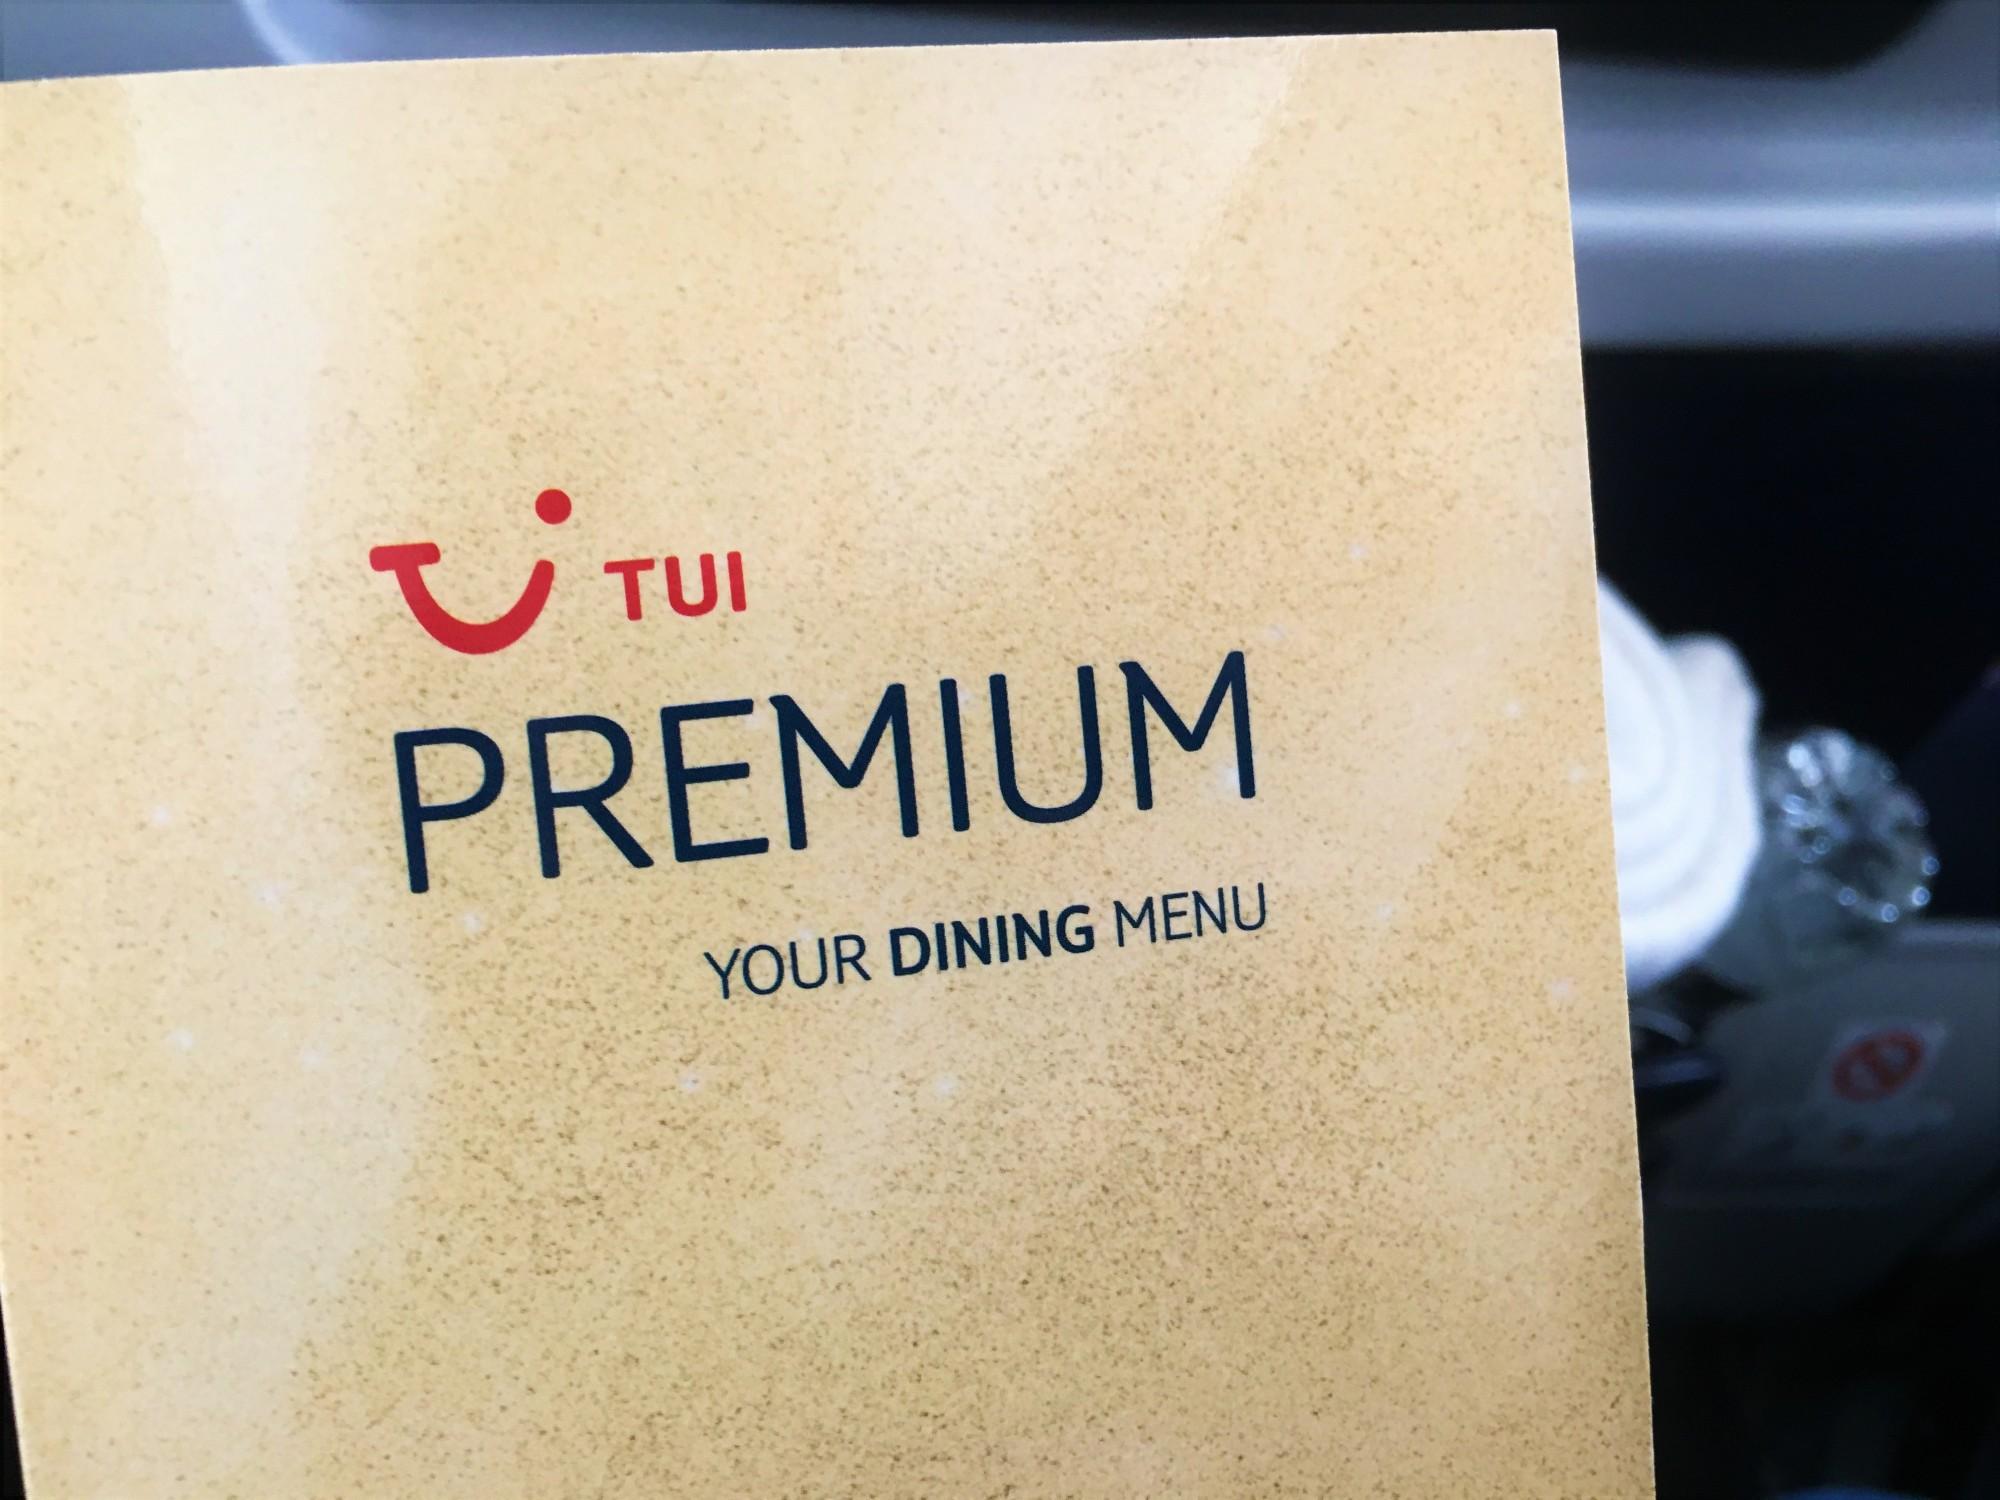 TUI Premium Dining Menu